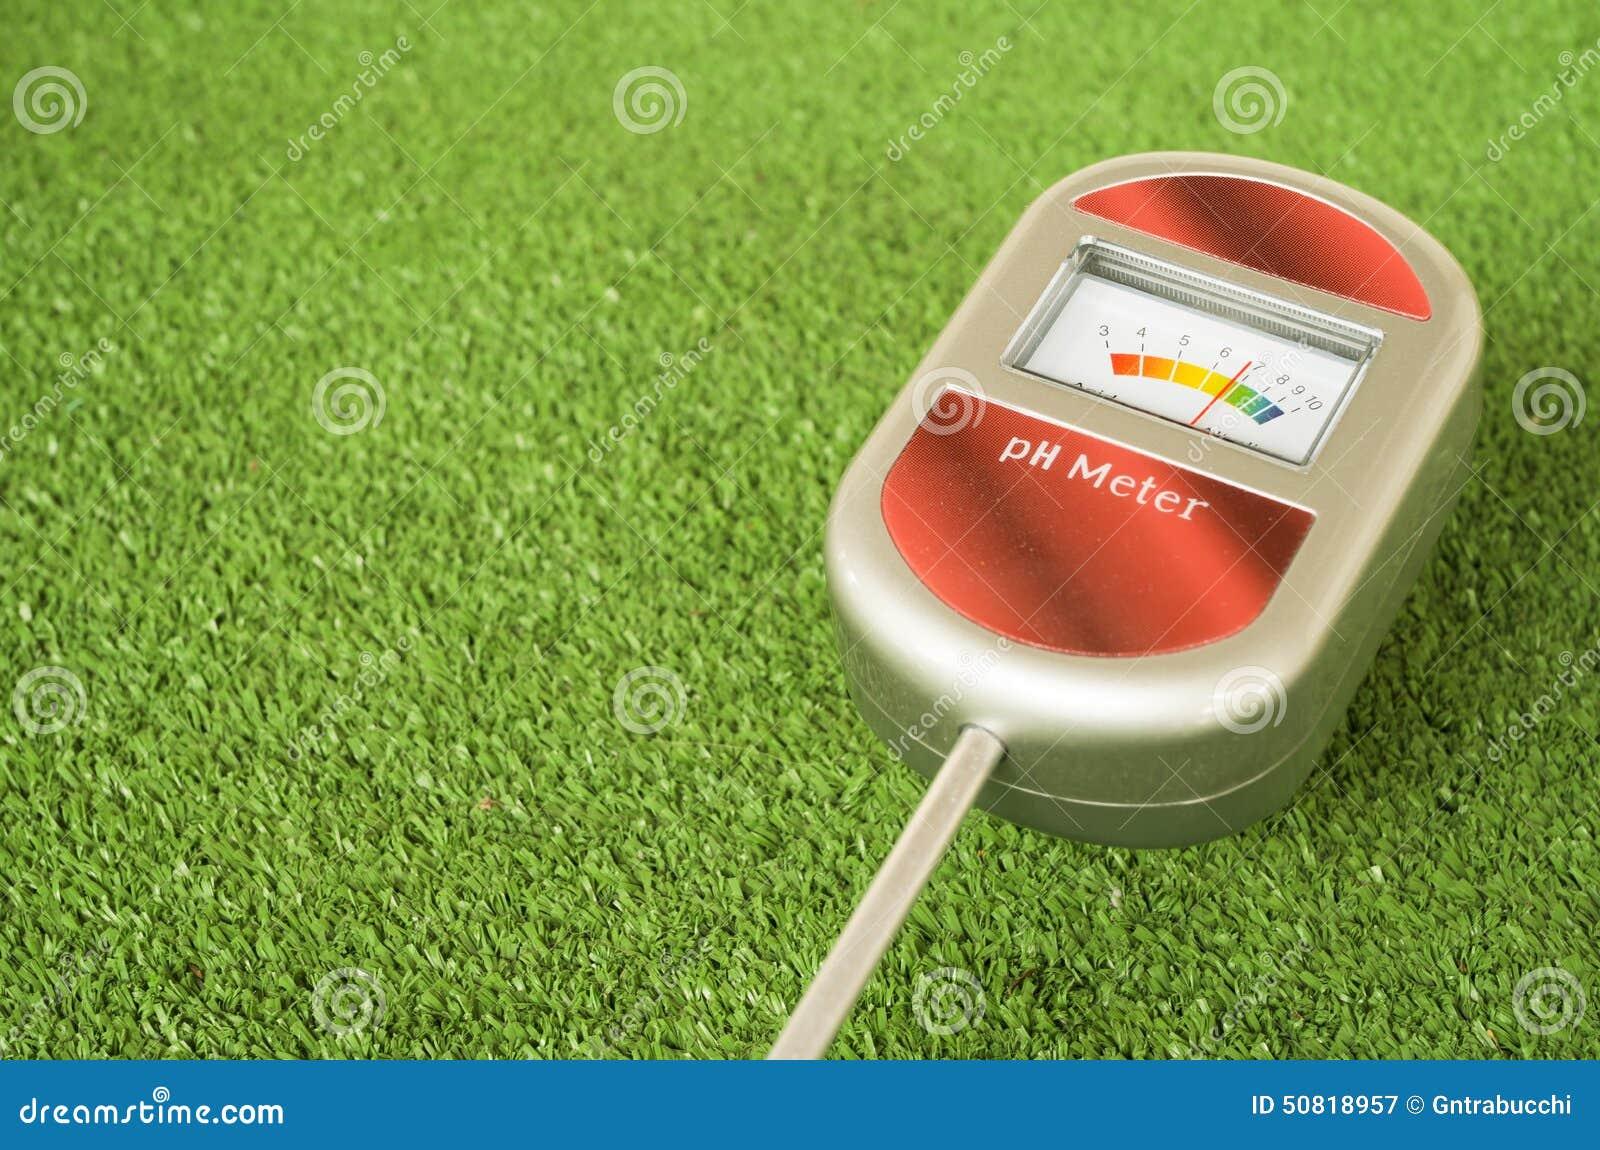 Analog Meter Background : Analog soil ph meter stock image of gardening